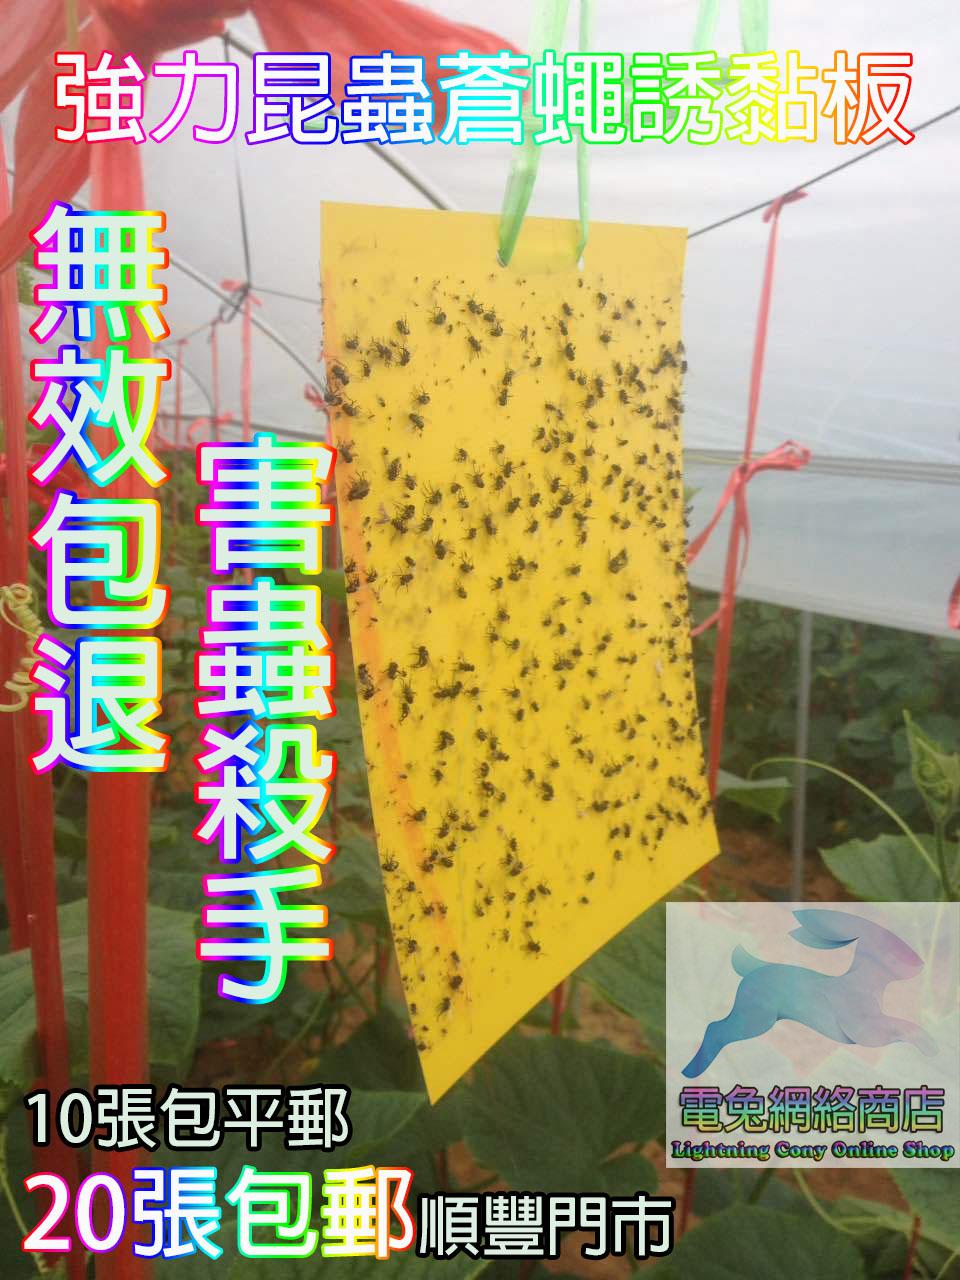 害蟲殺手 強力昆蟲蒼蠅雙面誘黏板 黏蟲貼 驅蟲 除蟲 捕蚊貼 捕蟲貼 捕